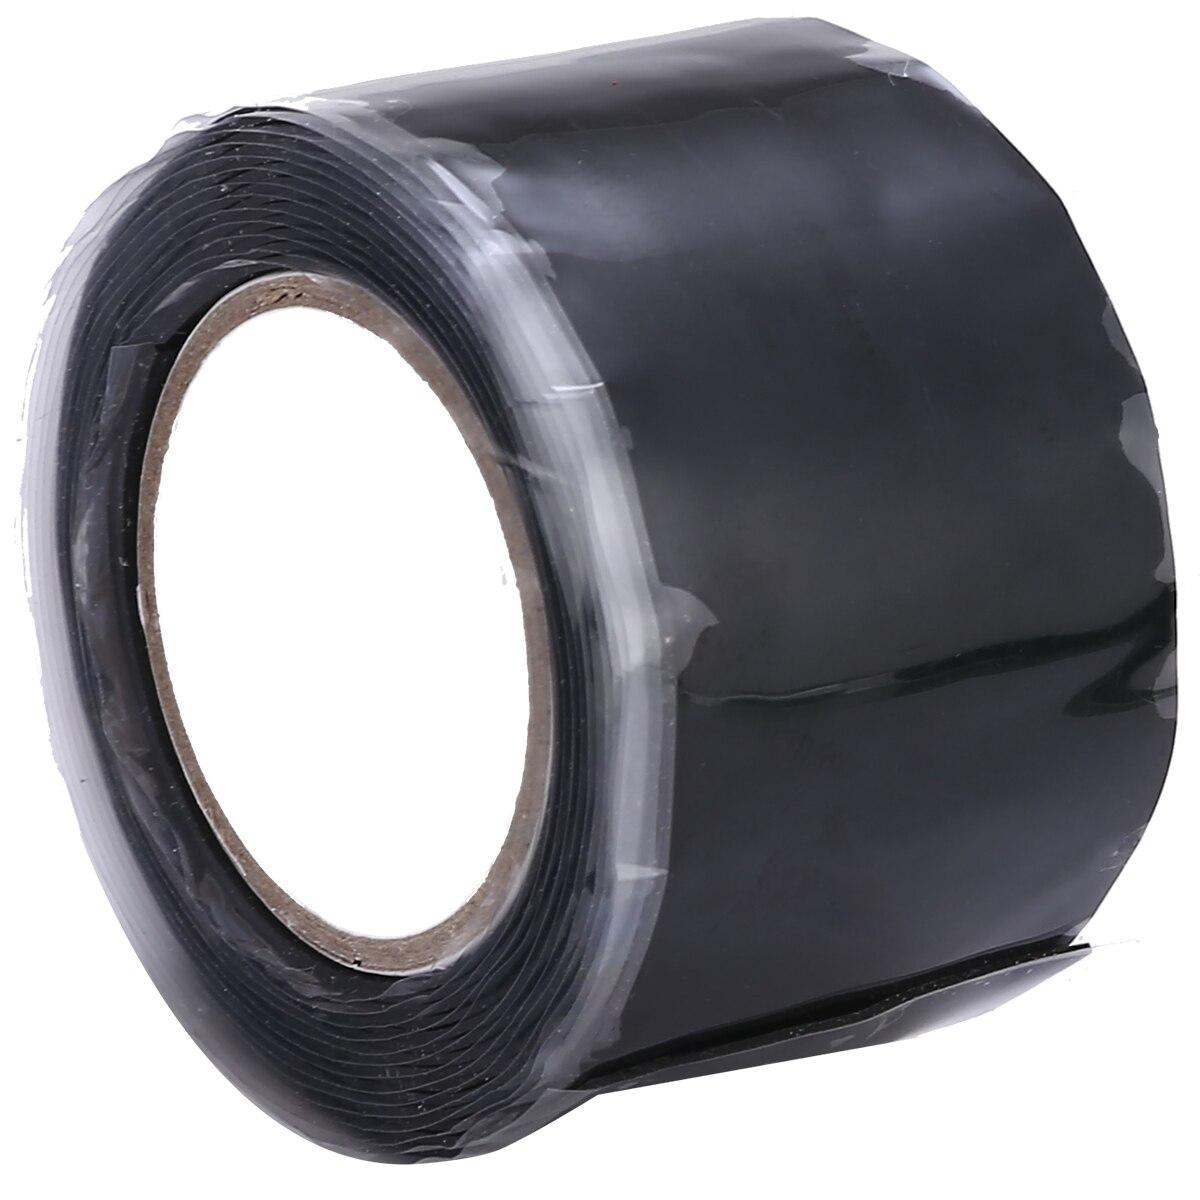 Pipe Repair Tape Stop Water Leak burst plumber Taps Waterproof Bonding Tape Tool